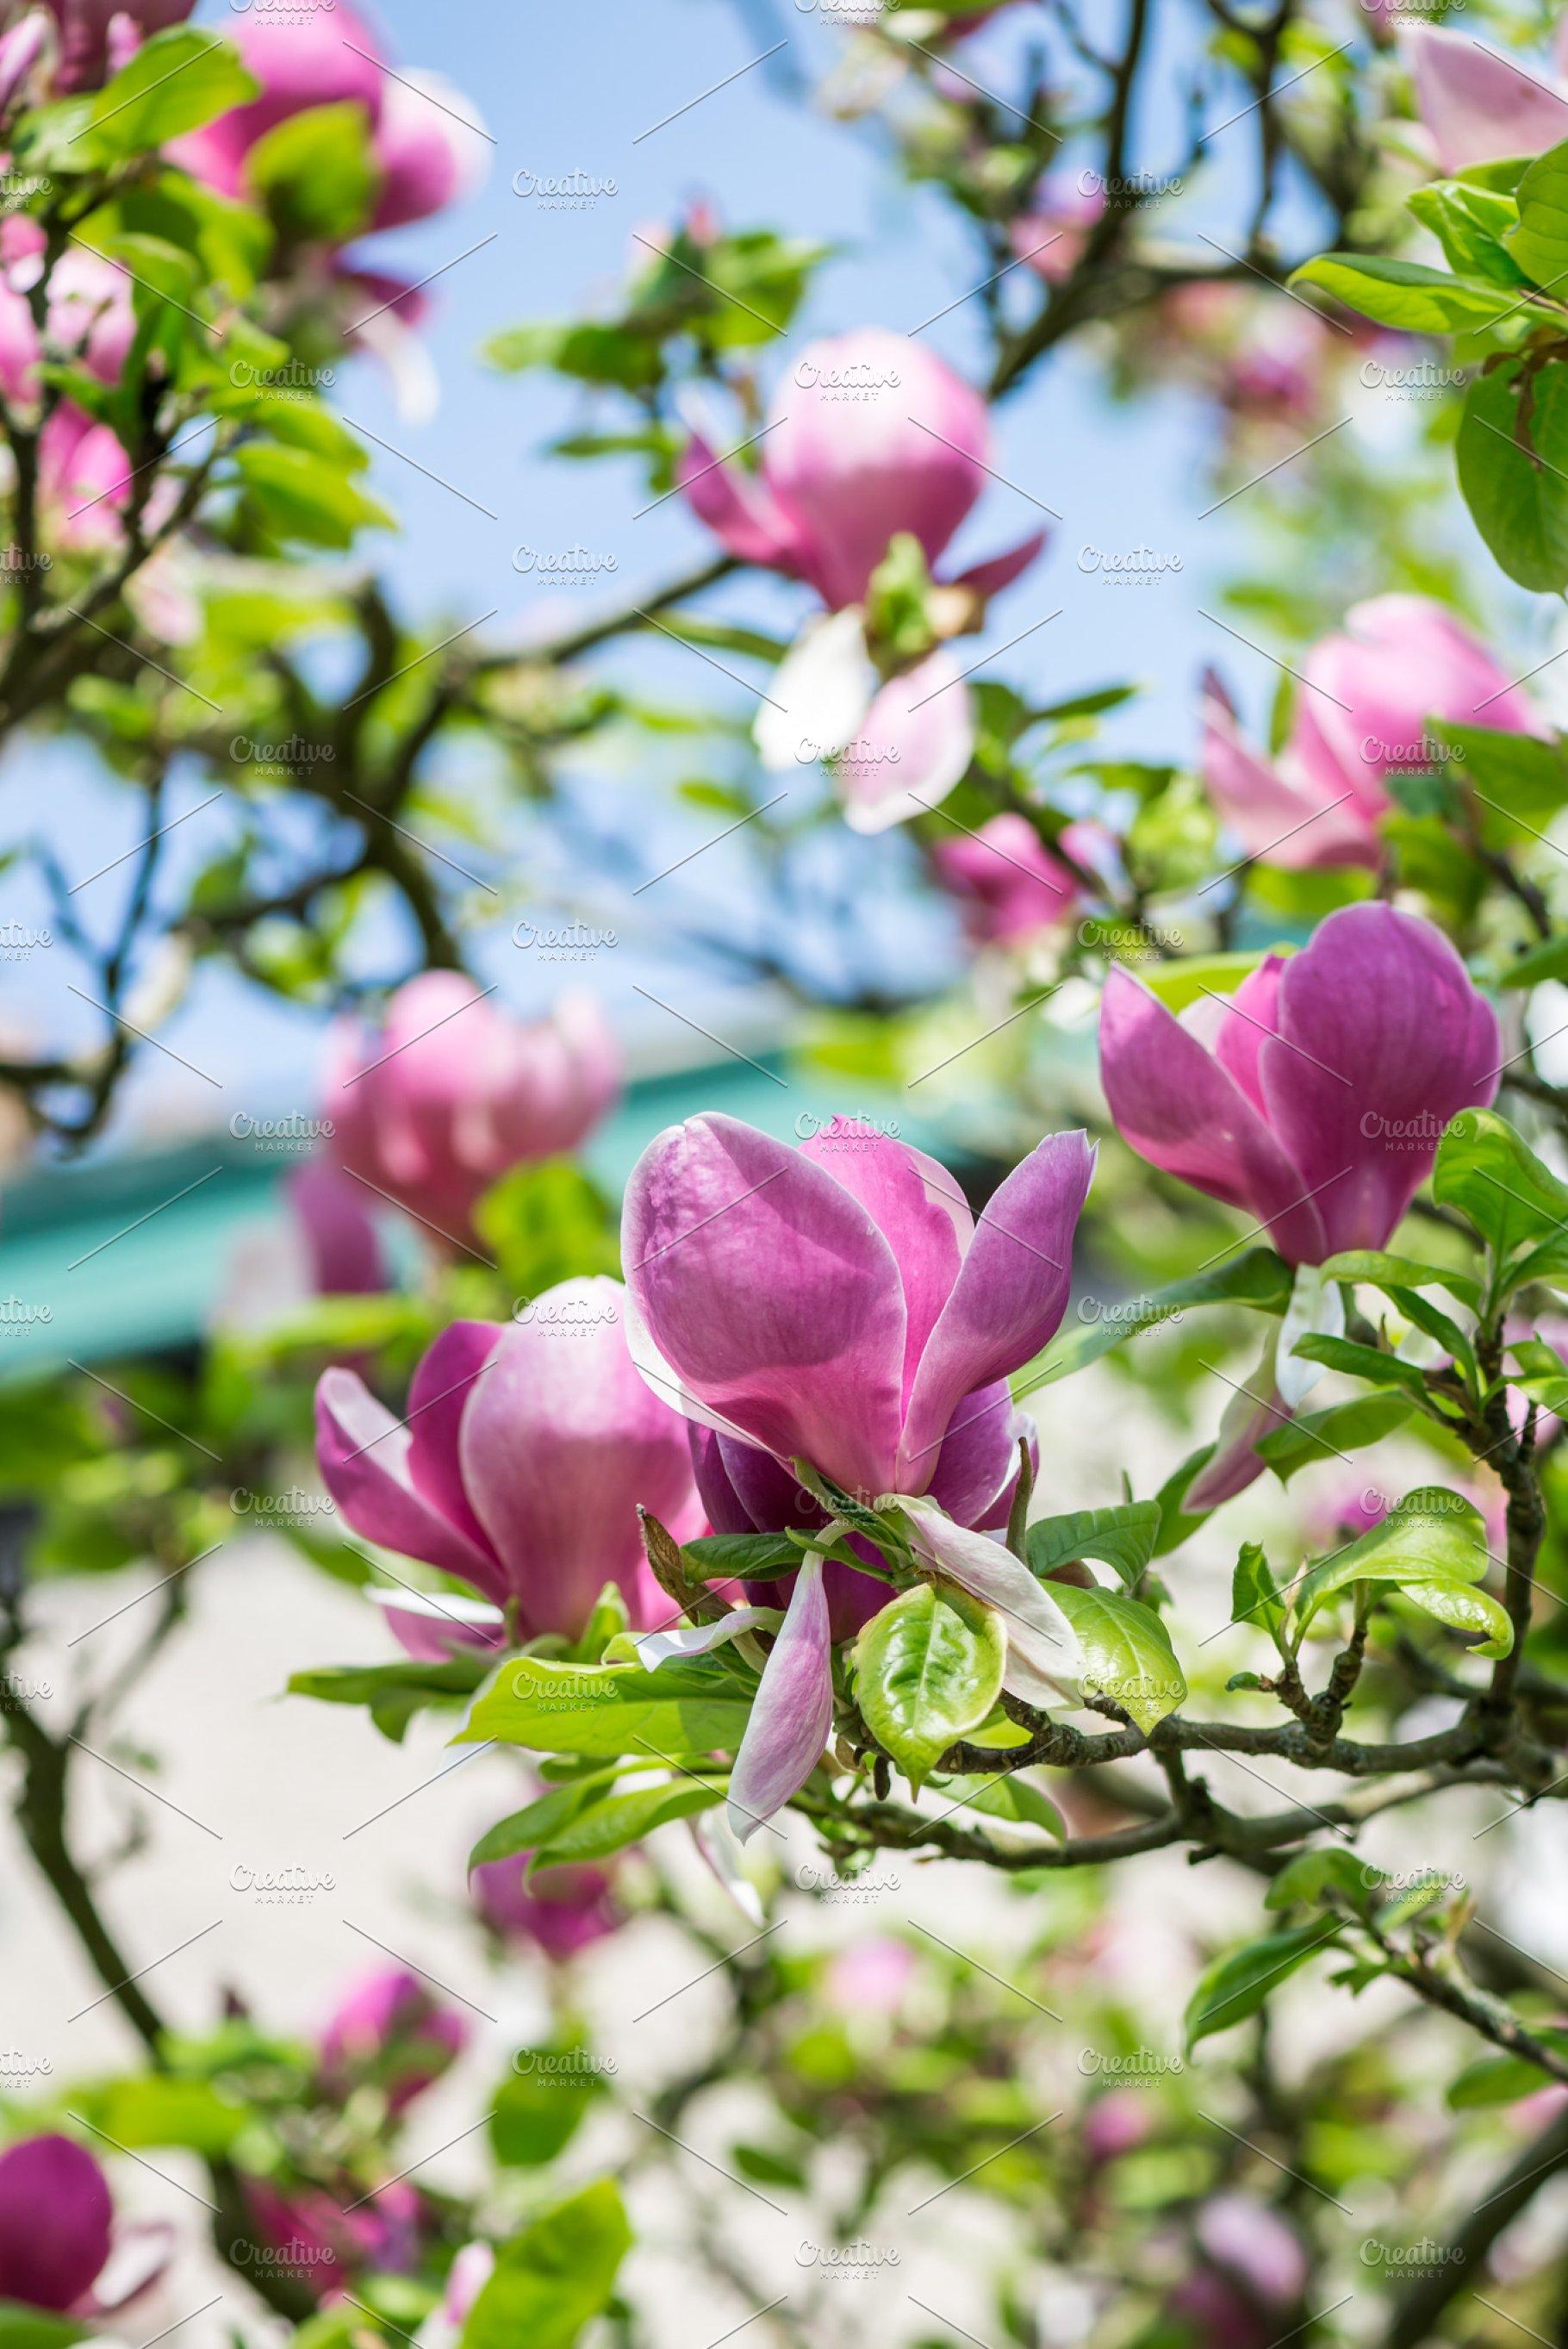 Beautiful Light Pink Magnolia Nature Photos Creative Market